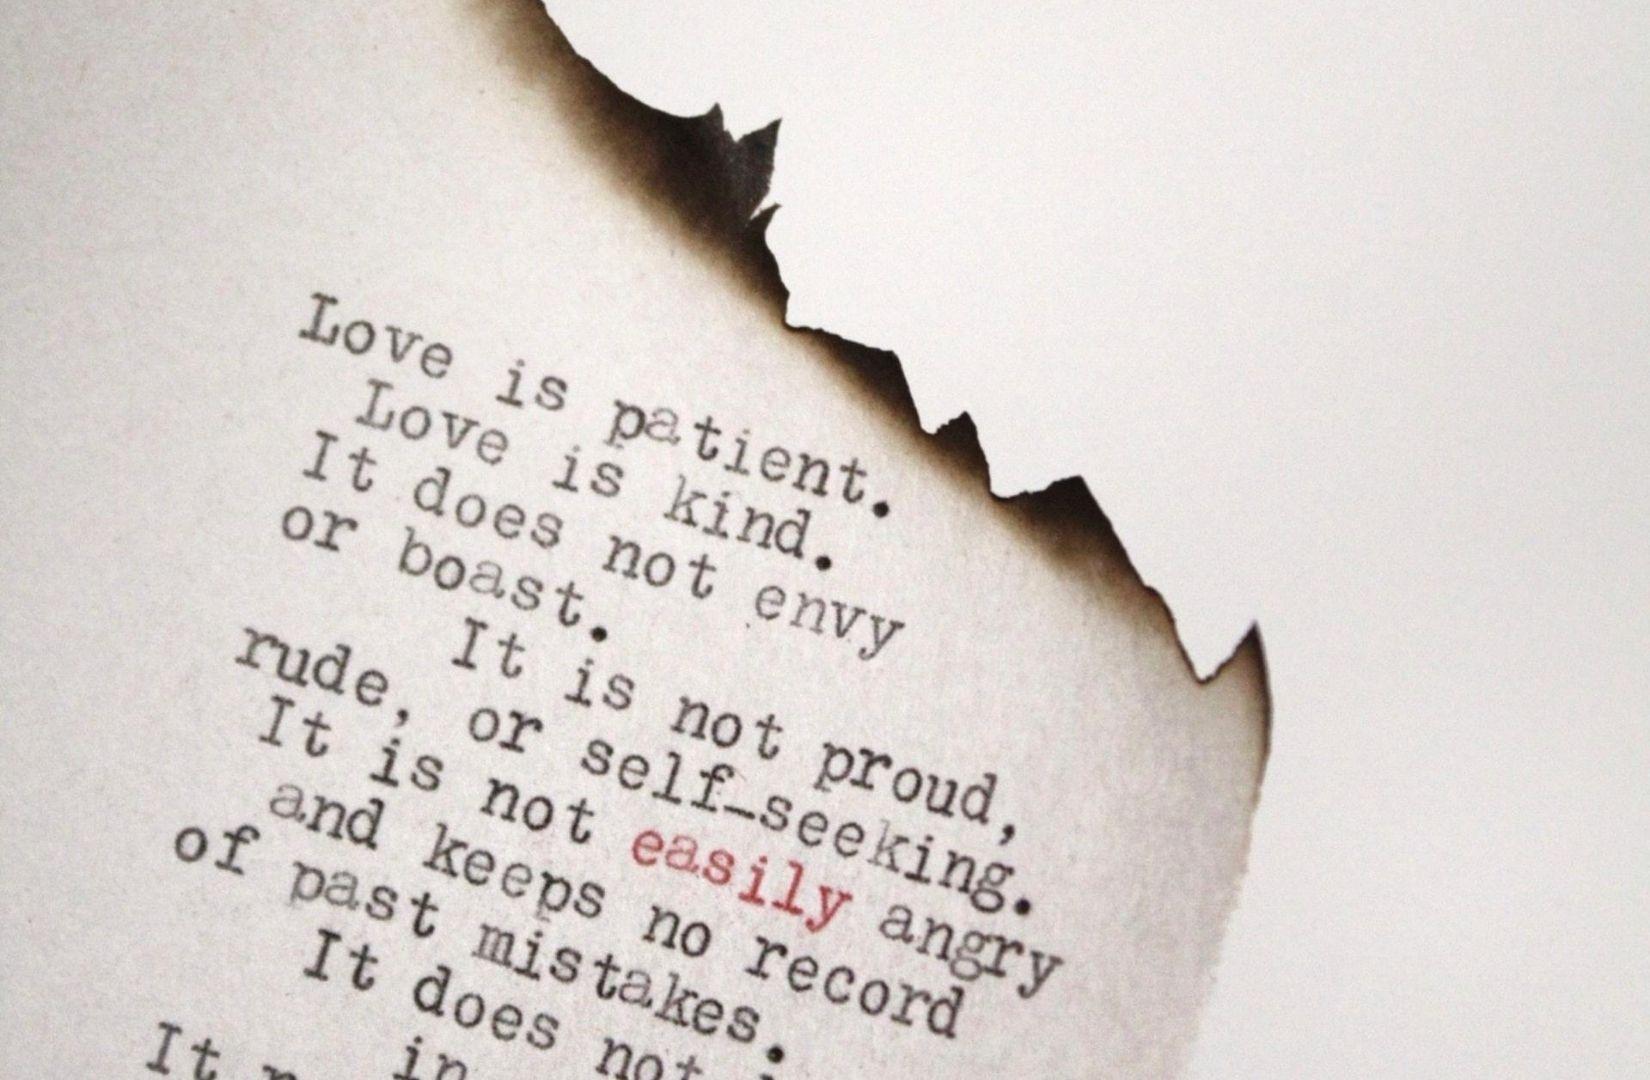 Eine intime Begegnung kann der Beginn unendlicher Zuneigung sein. (Foto: Leighann Blackwood, Unsplash.com)